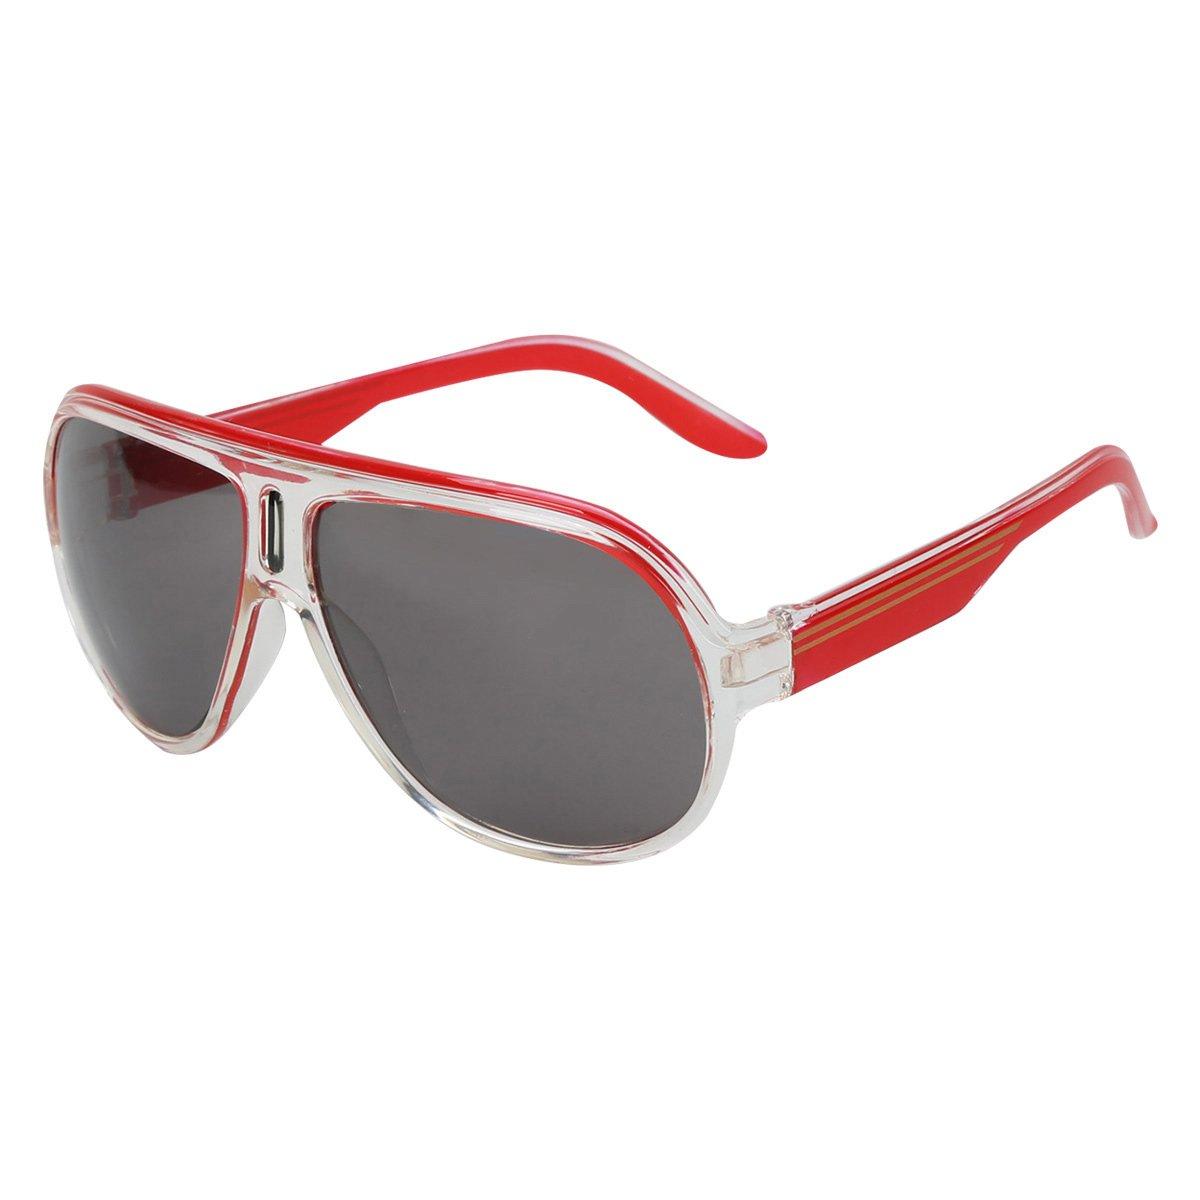 Óculos   Livelo -Sua Vida com Mais Recompensas acb46e2f80